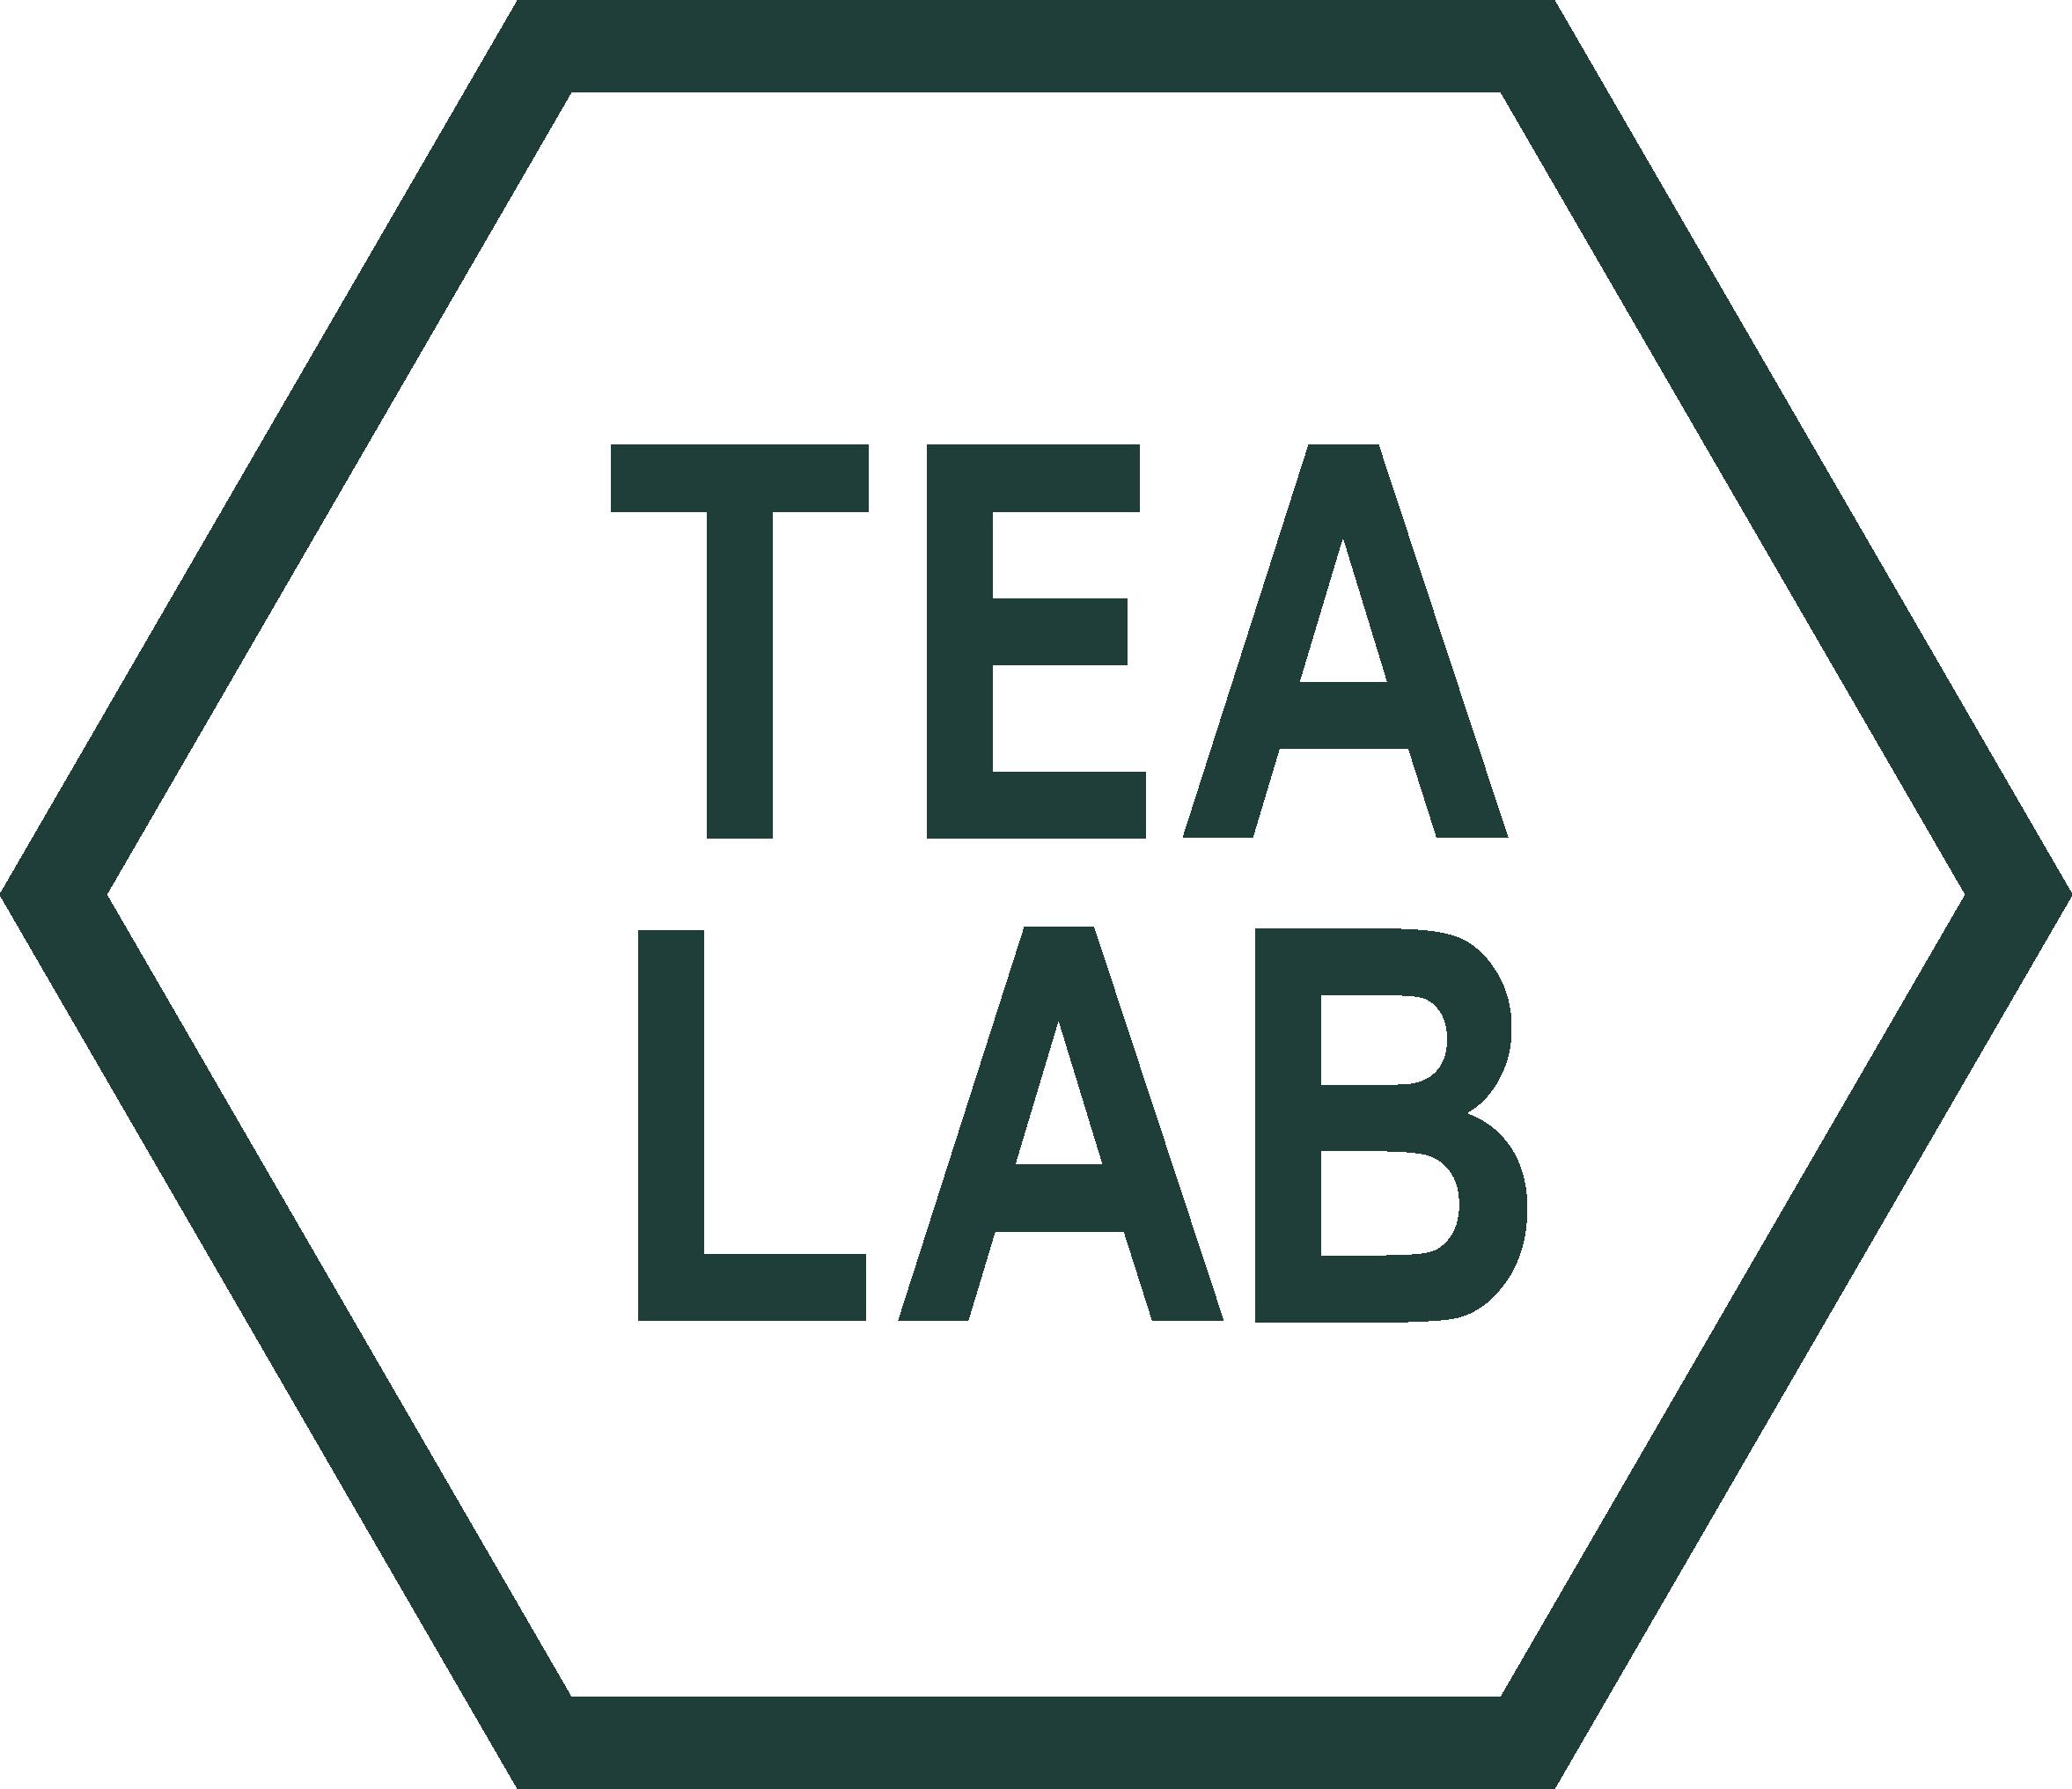 Работа в компании «Лаборатория чая» в Москвы